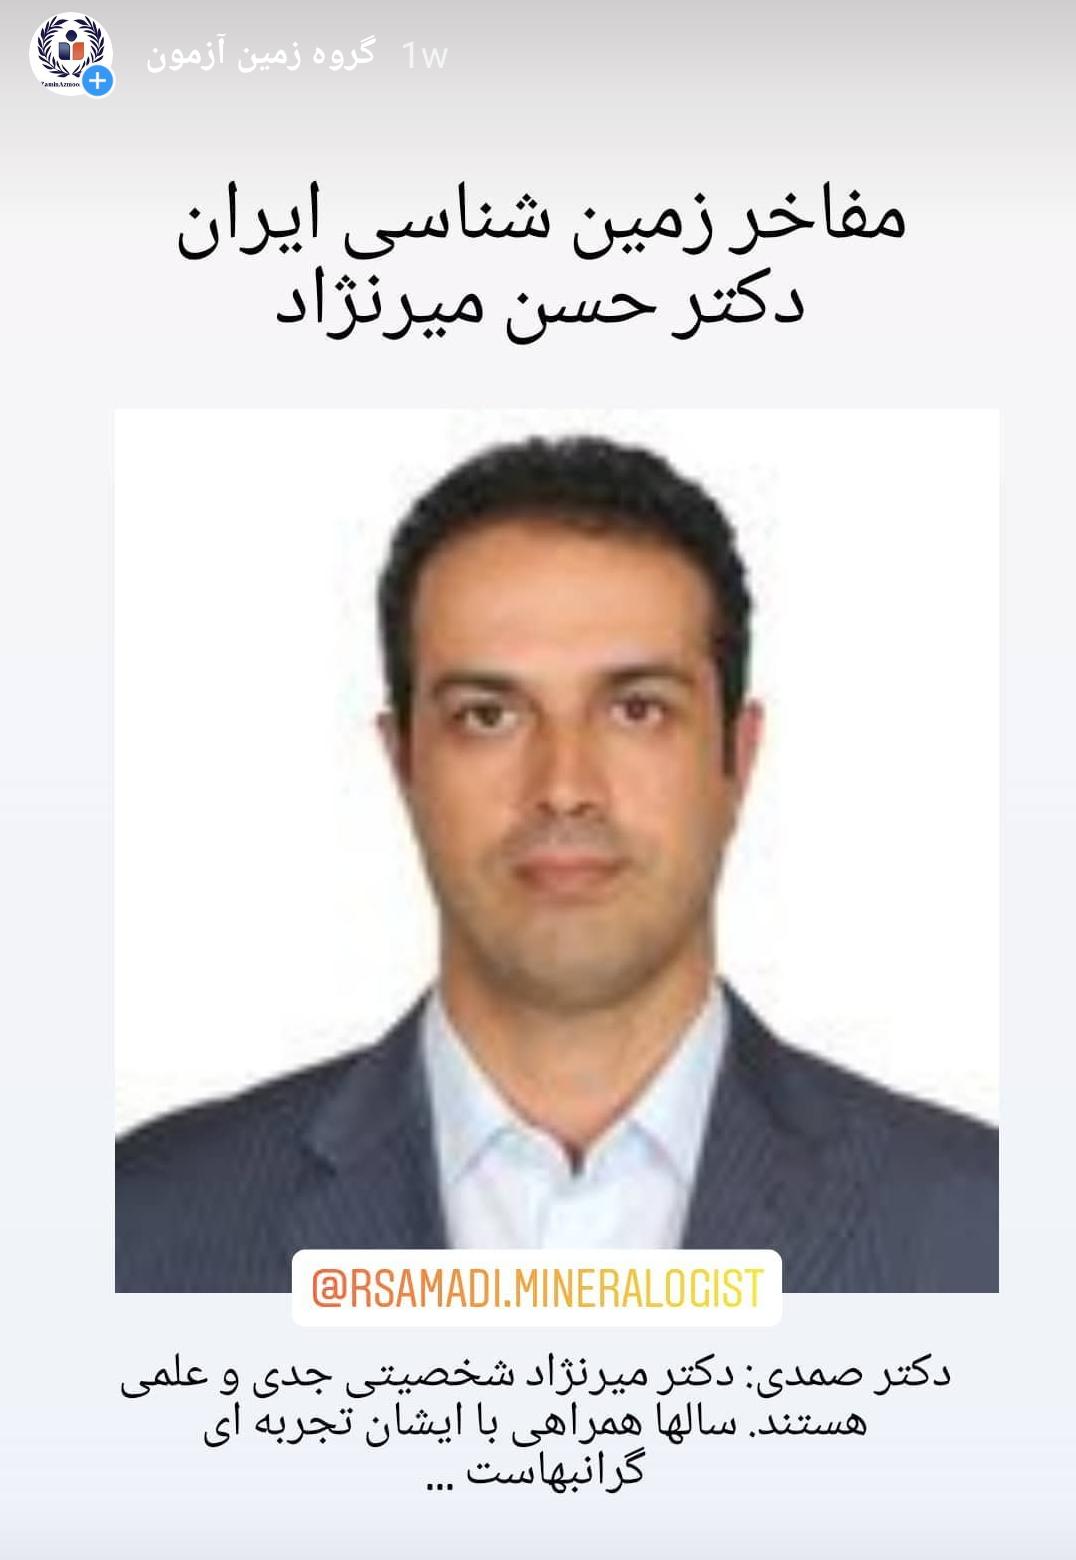 دکتر حسن میرنژاد